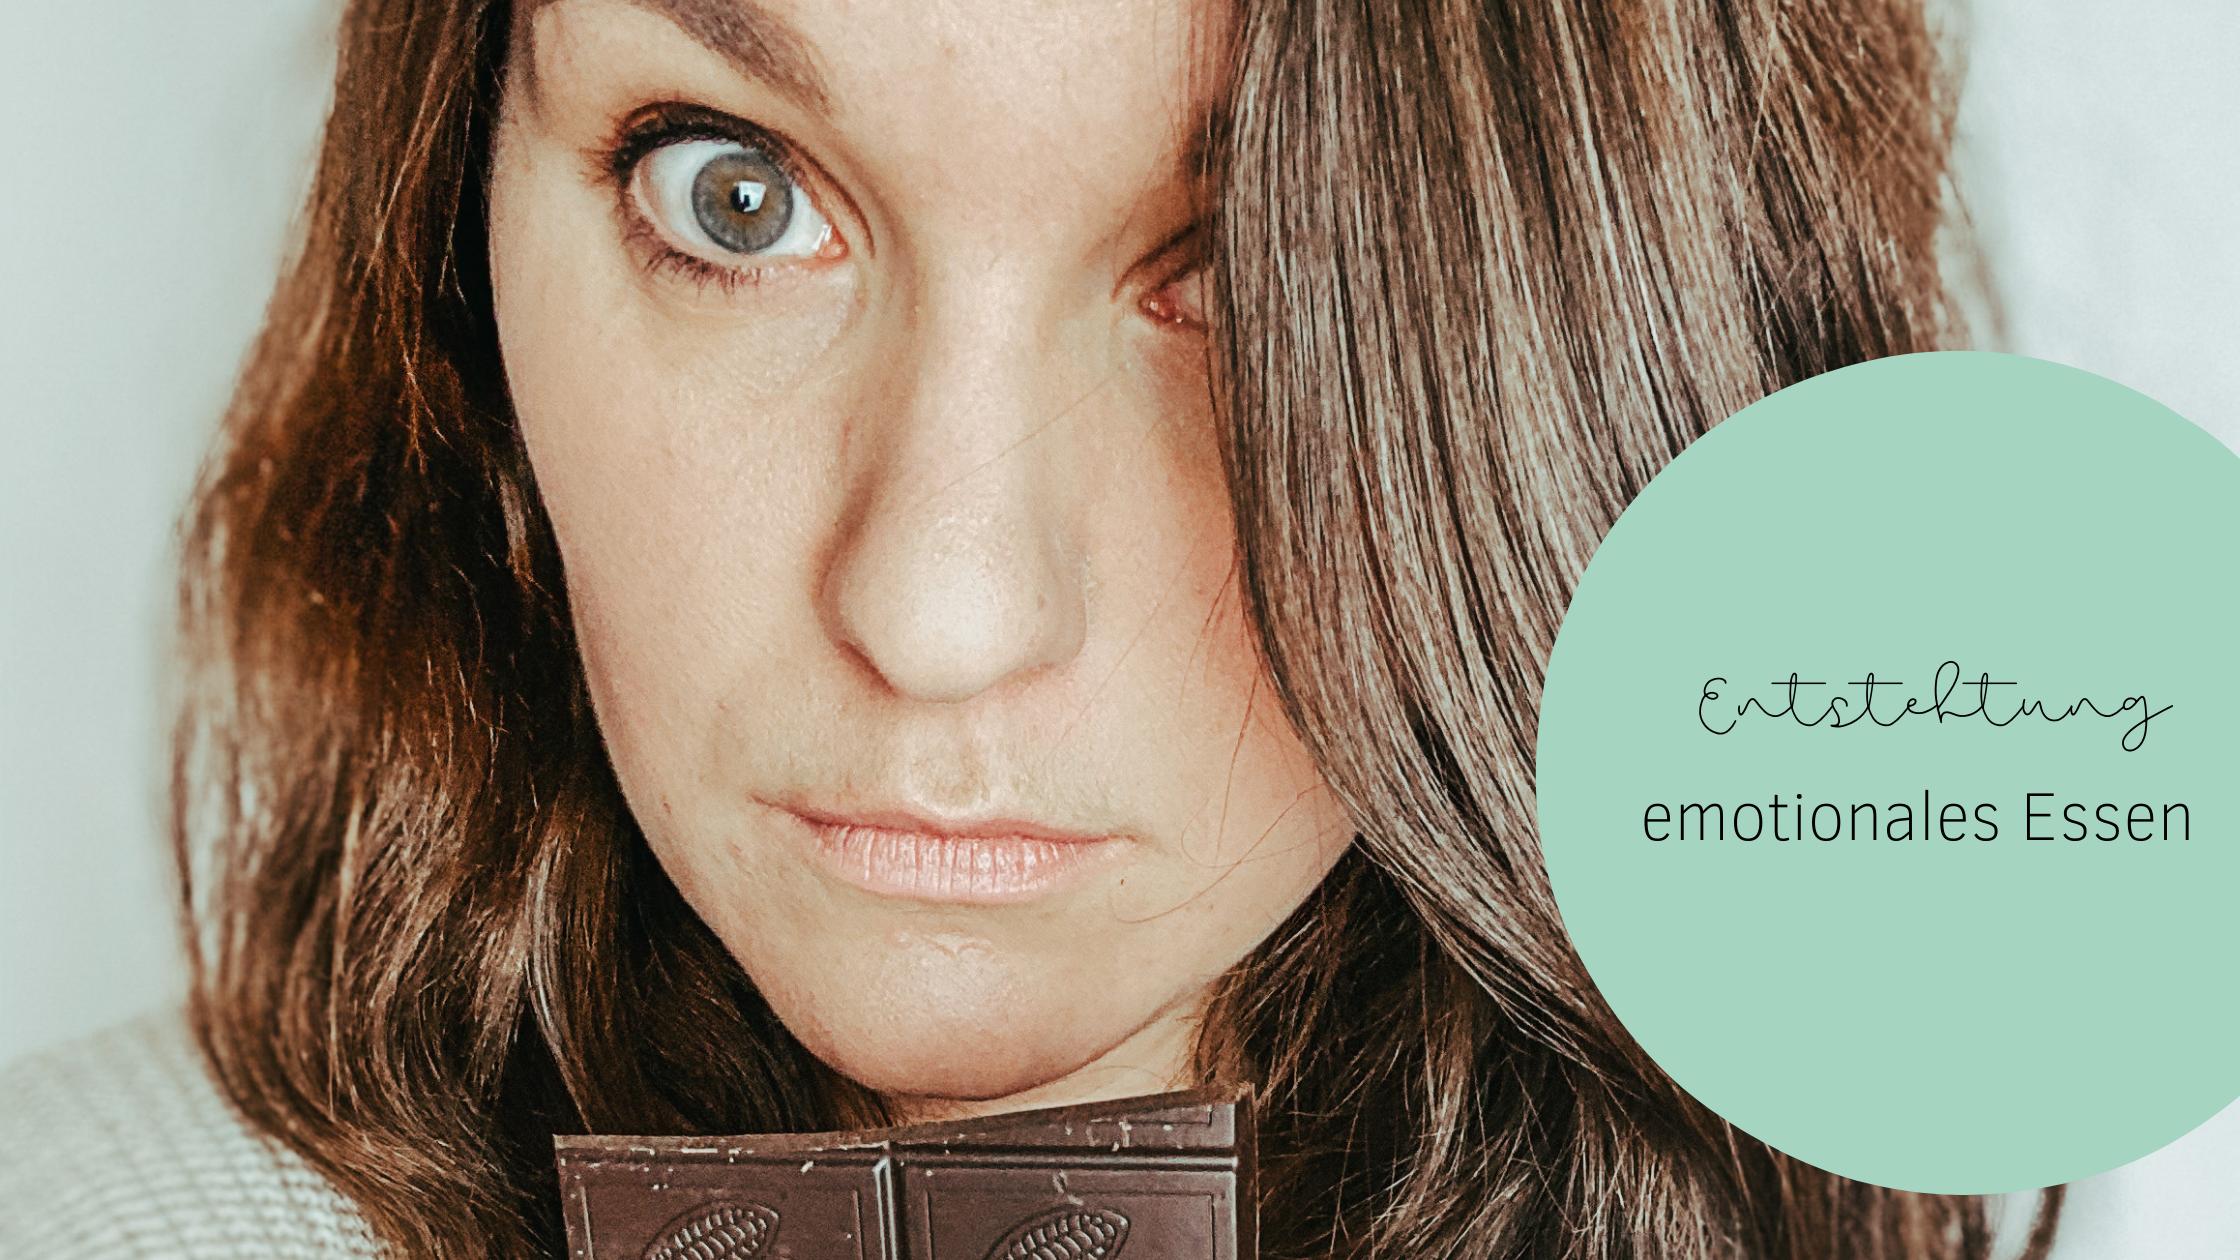 WARUM entsteht emotionales ESSEN?